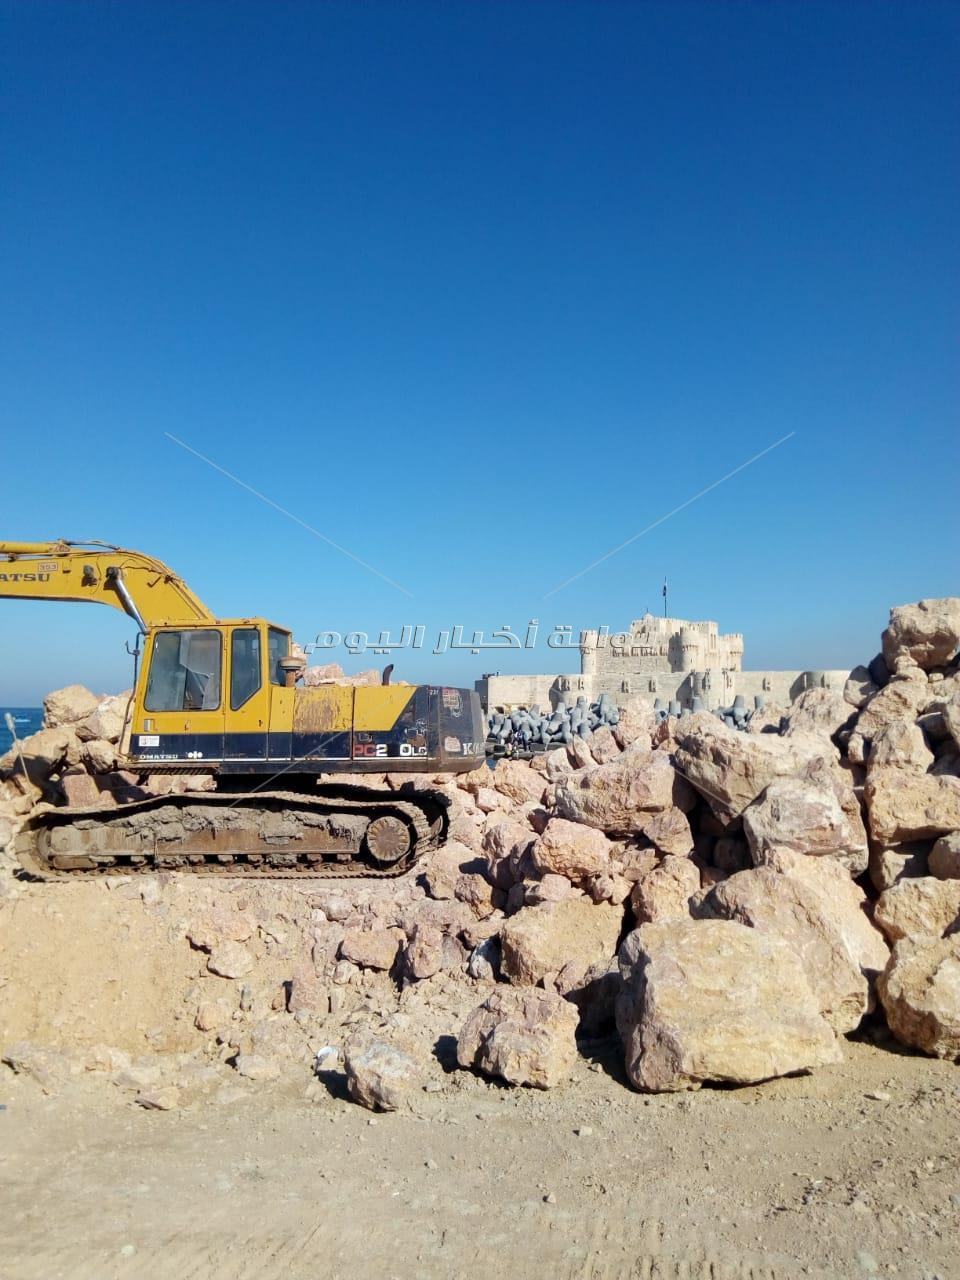 ترميم المتحف اليوناني الروماني بالاسكندرية